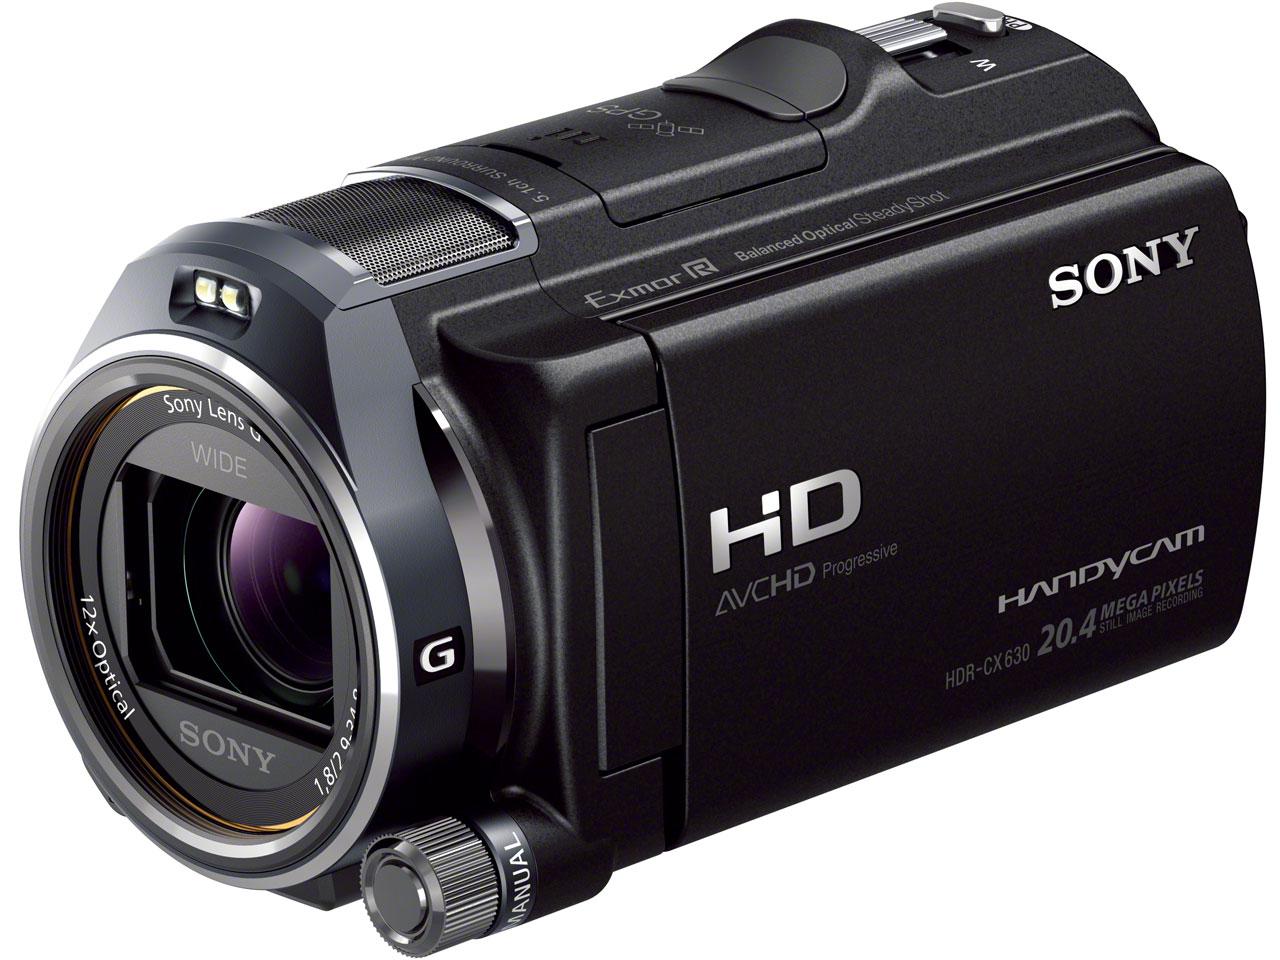 sony hdr cx270v t   u30bd u30cb u30fc  u6fc0 u5b89 u4fa1 u683c  u7247 u6850pet u306e u30d6 u30ed u30b0 sony handycam owners manual download sony handycam service manual